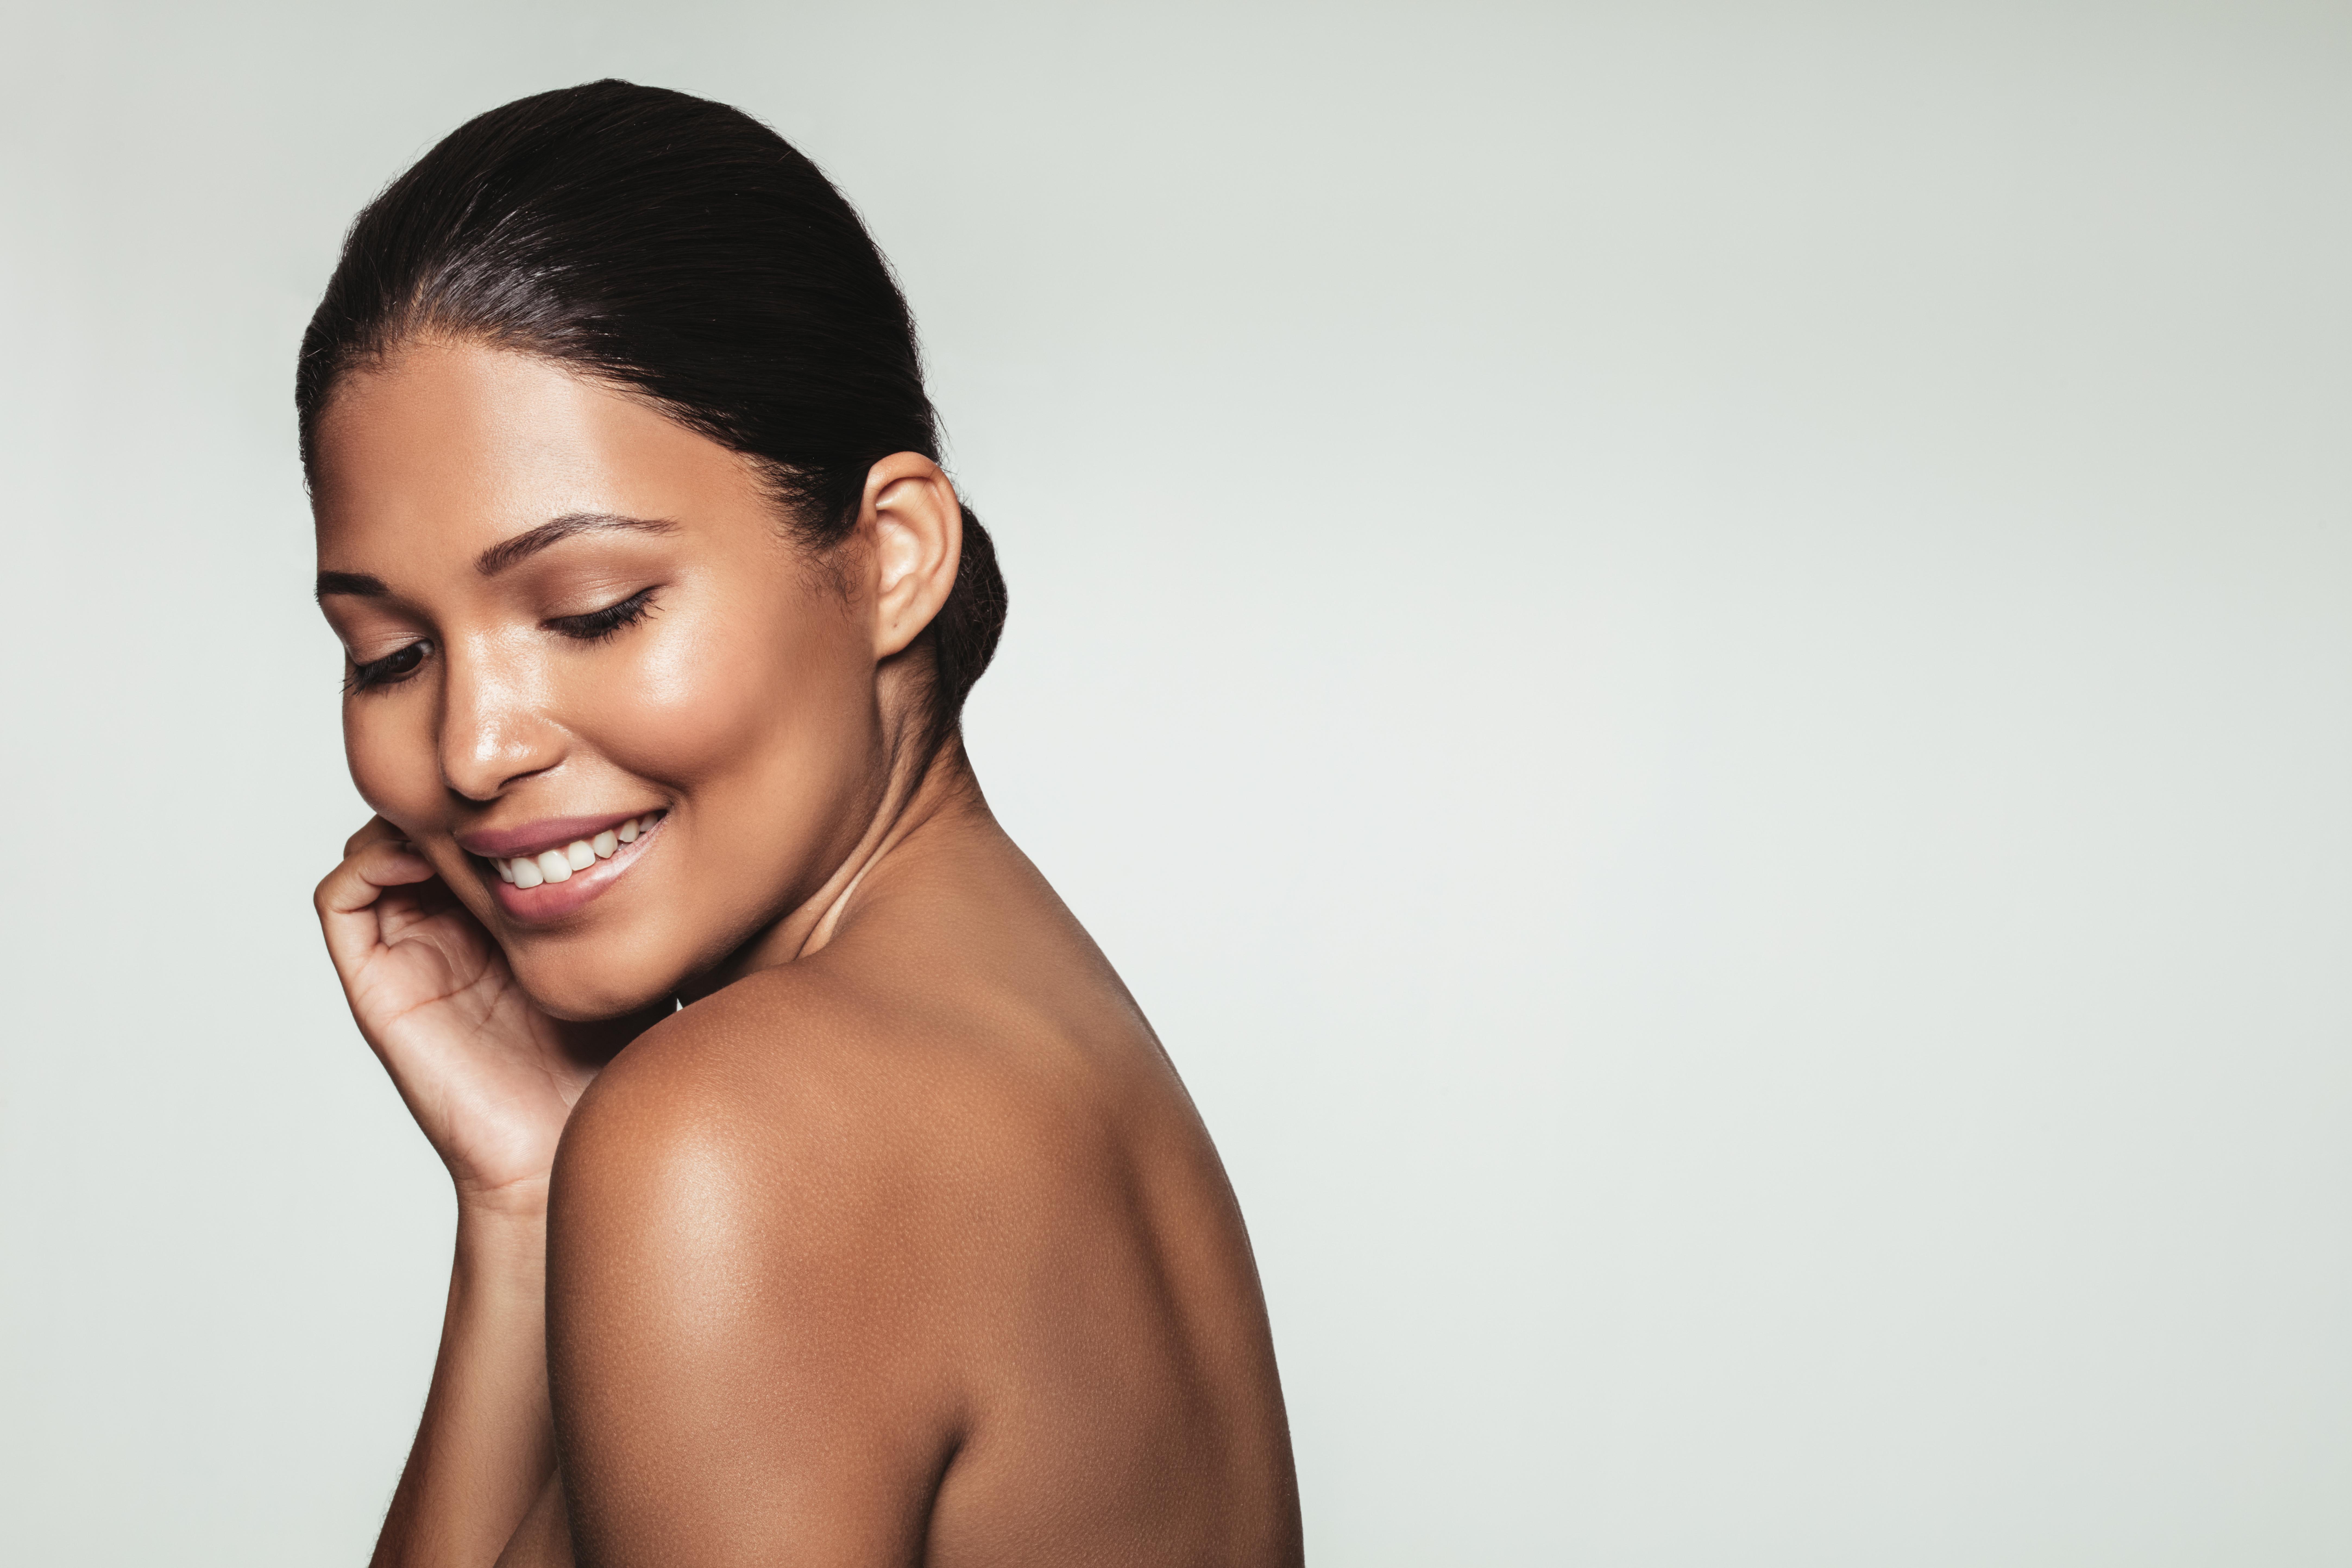 piel, skin revamp